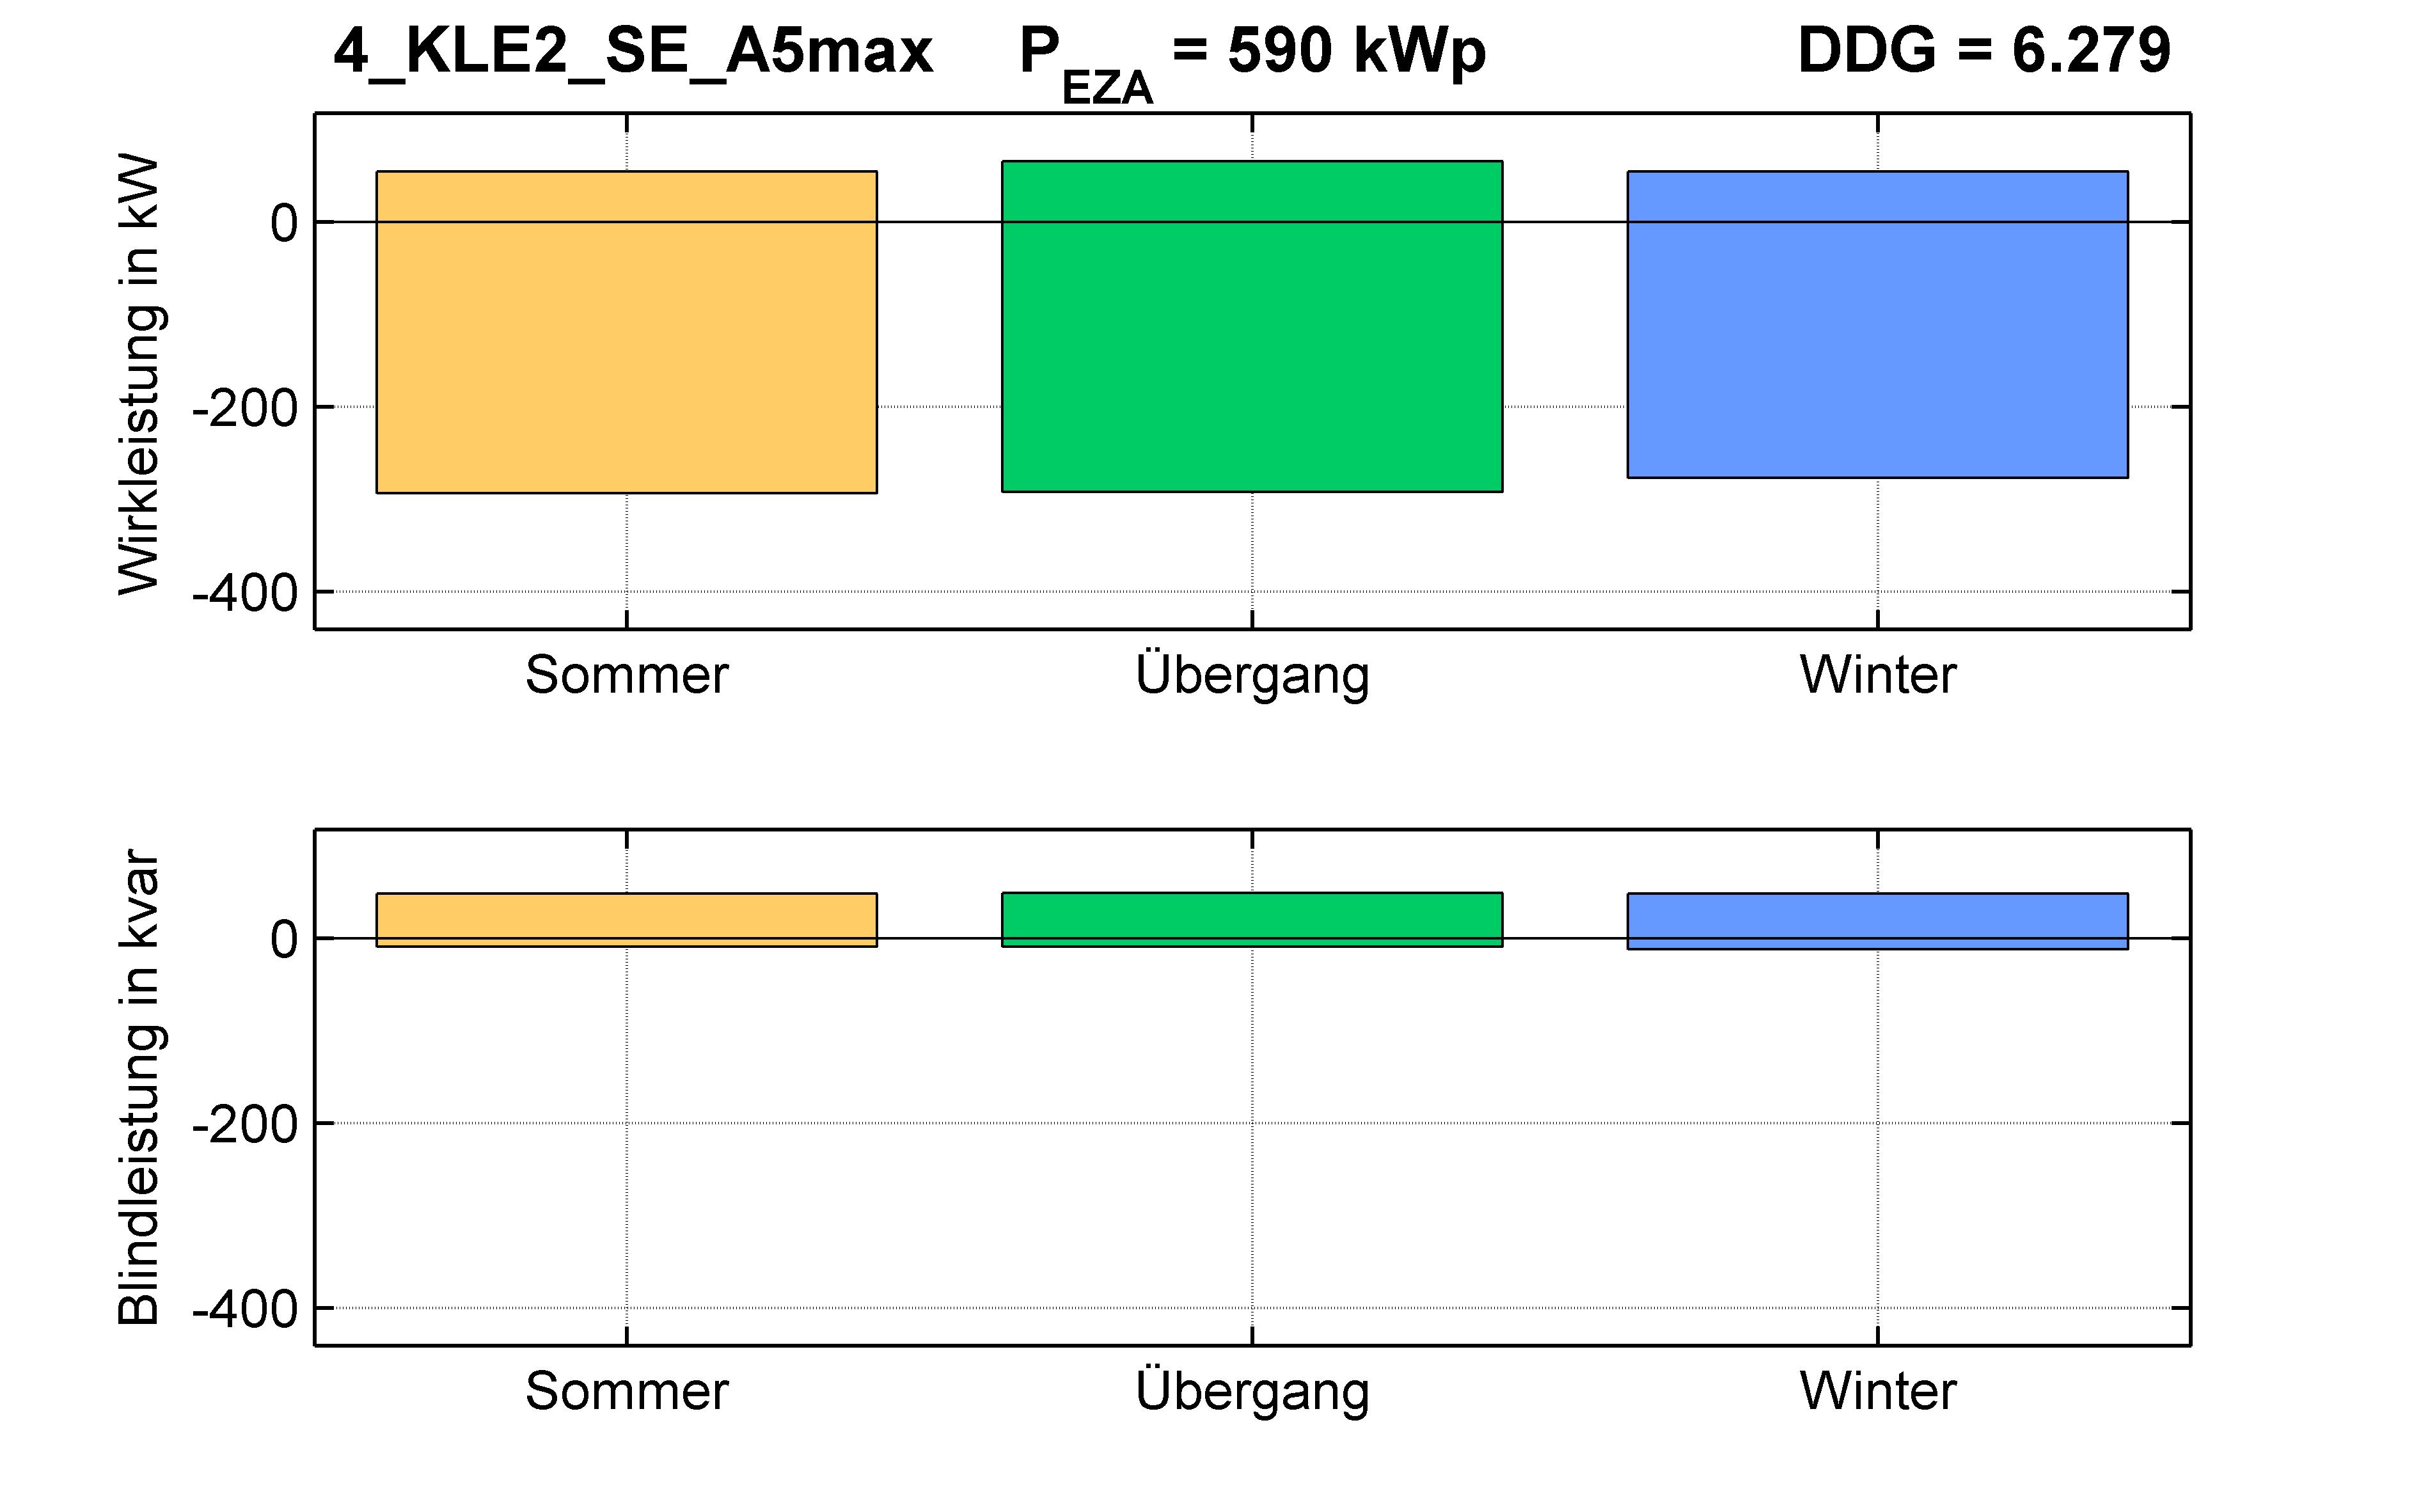 KLE2 | P-Kappung 55% (SE) A5max | PQ-Bilanz